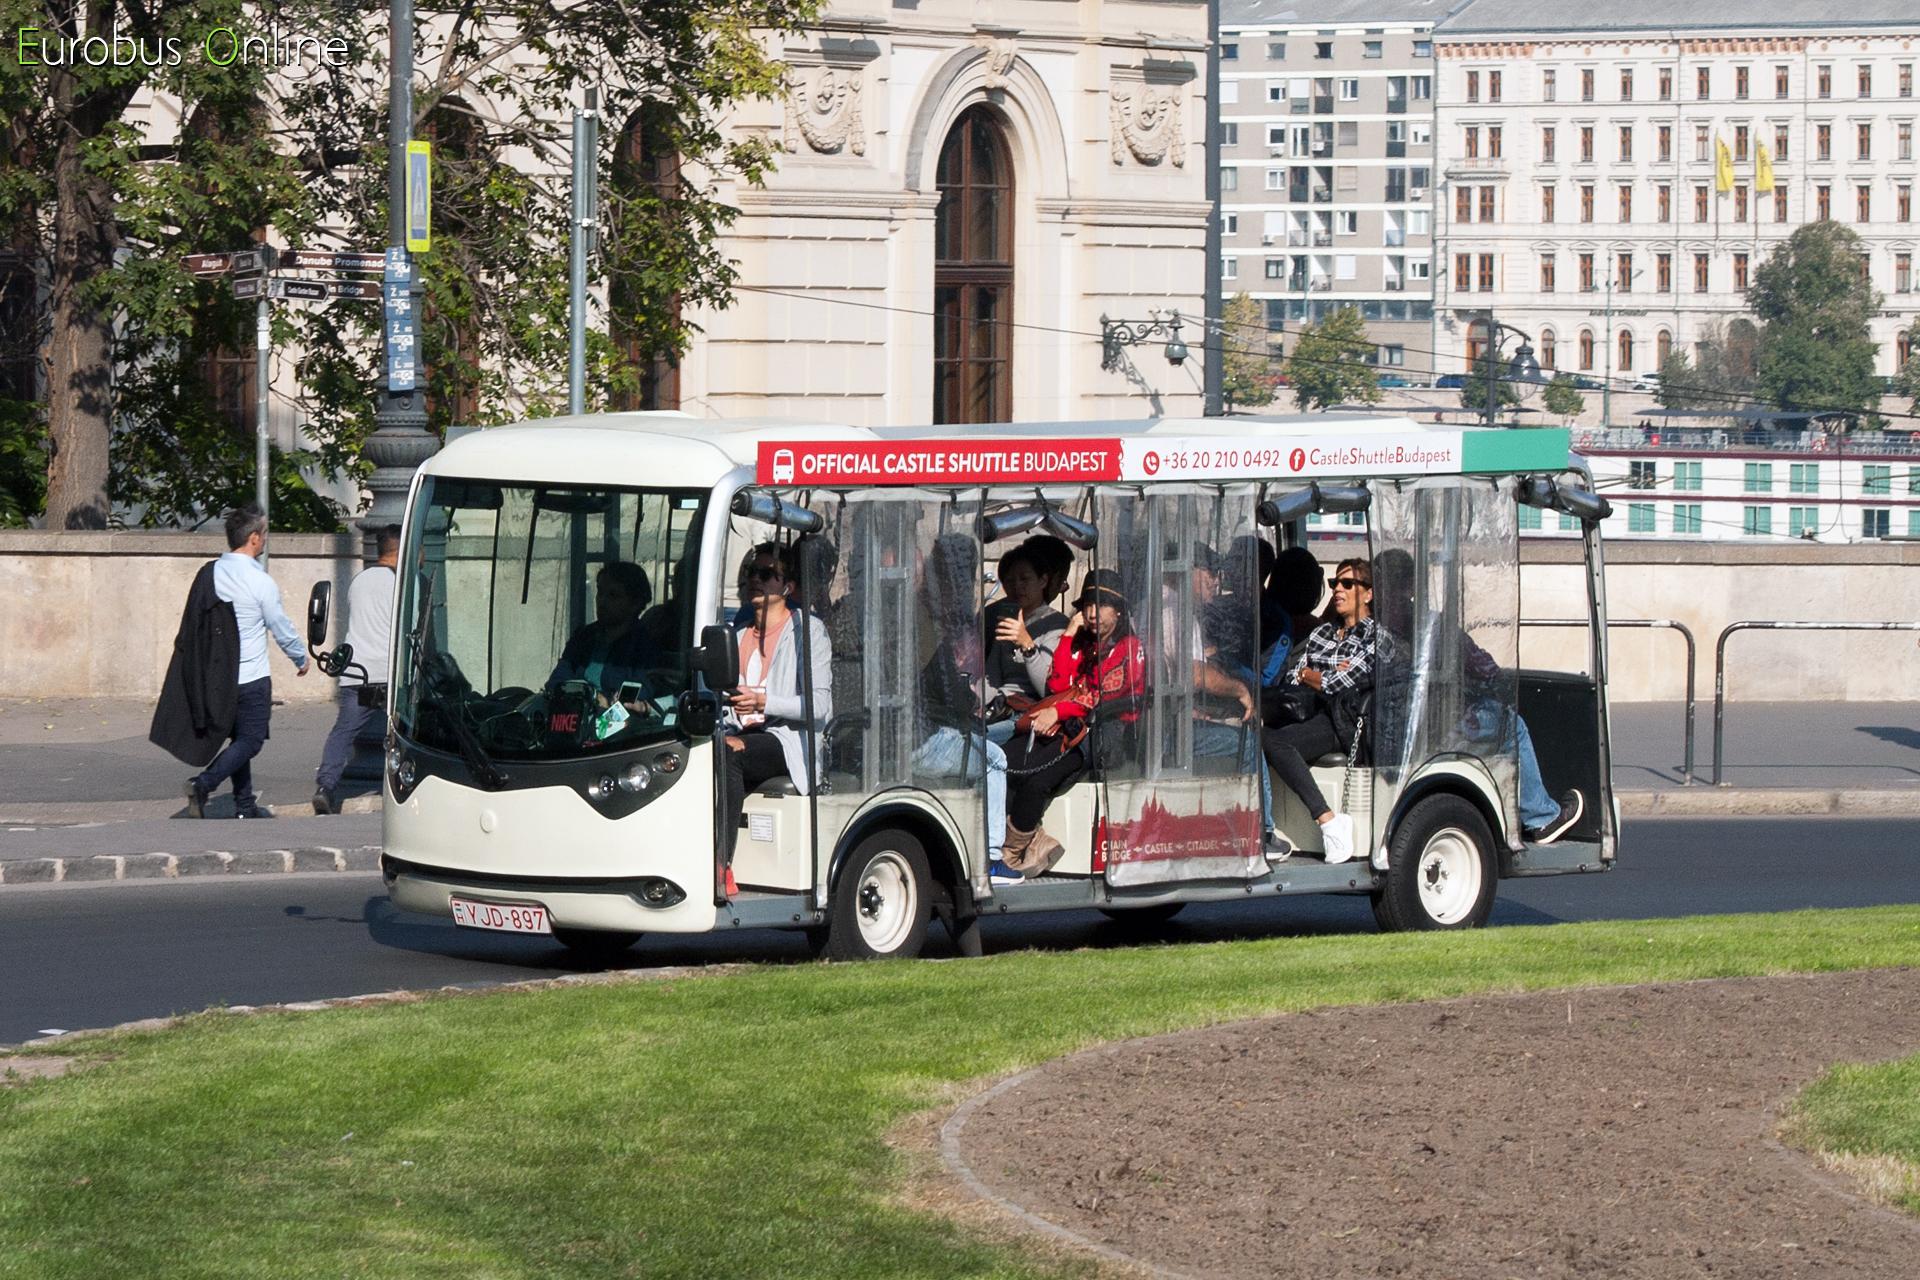 Az YJD-897 legnagyobb utaskapacitású kocsi a teljes 'castle bus' flottában.